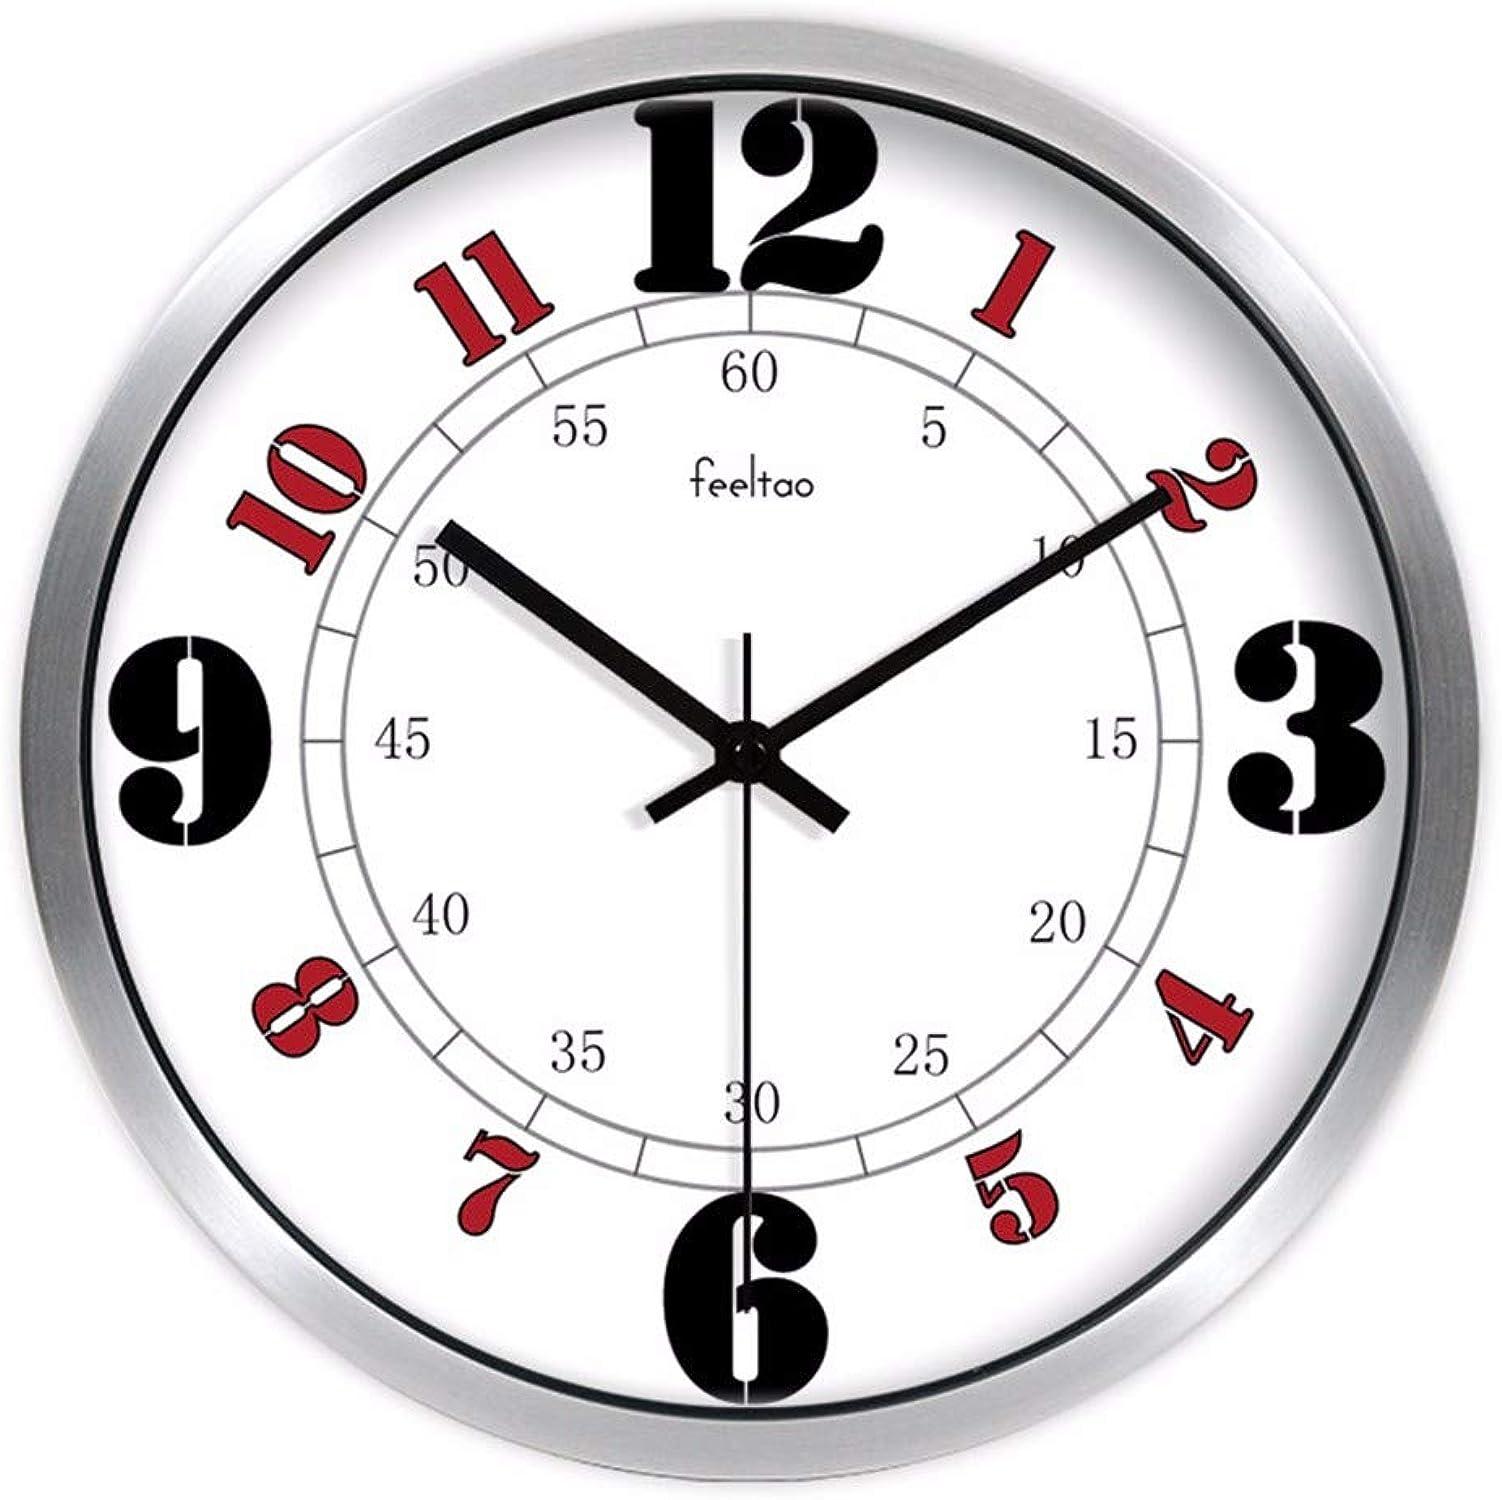 Centro comercial profesional integrado en línea. HomeClock Sala de de de Estar Reloj de Parojo Escala de Minutos Mesa Colgante Gran Oficina Digital Reloj Silencio Reloj de Cuarzo Reloj 12 Pulgadas Marco de Metal Plateado  clásico atemporal